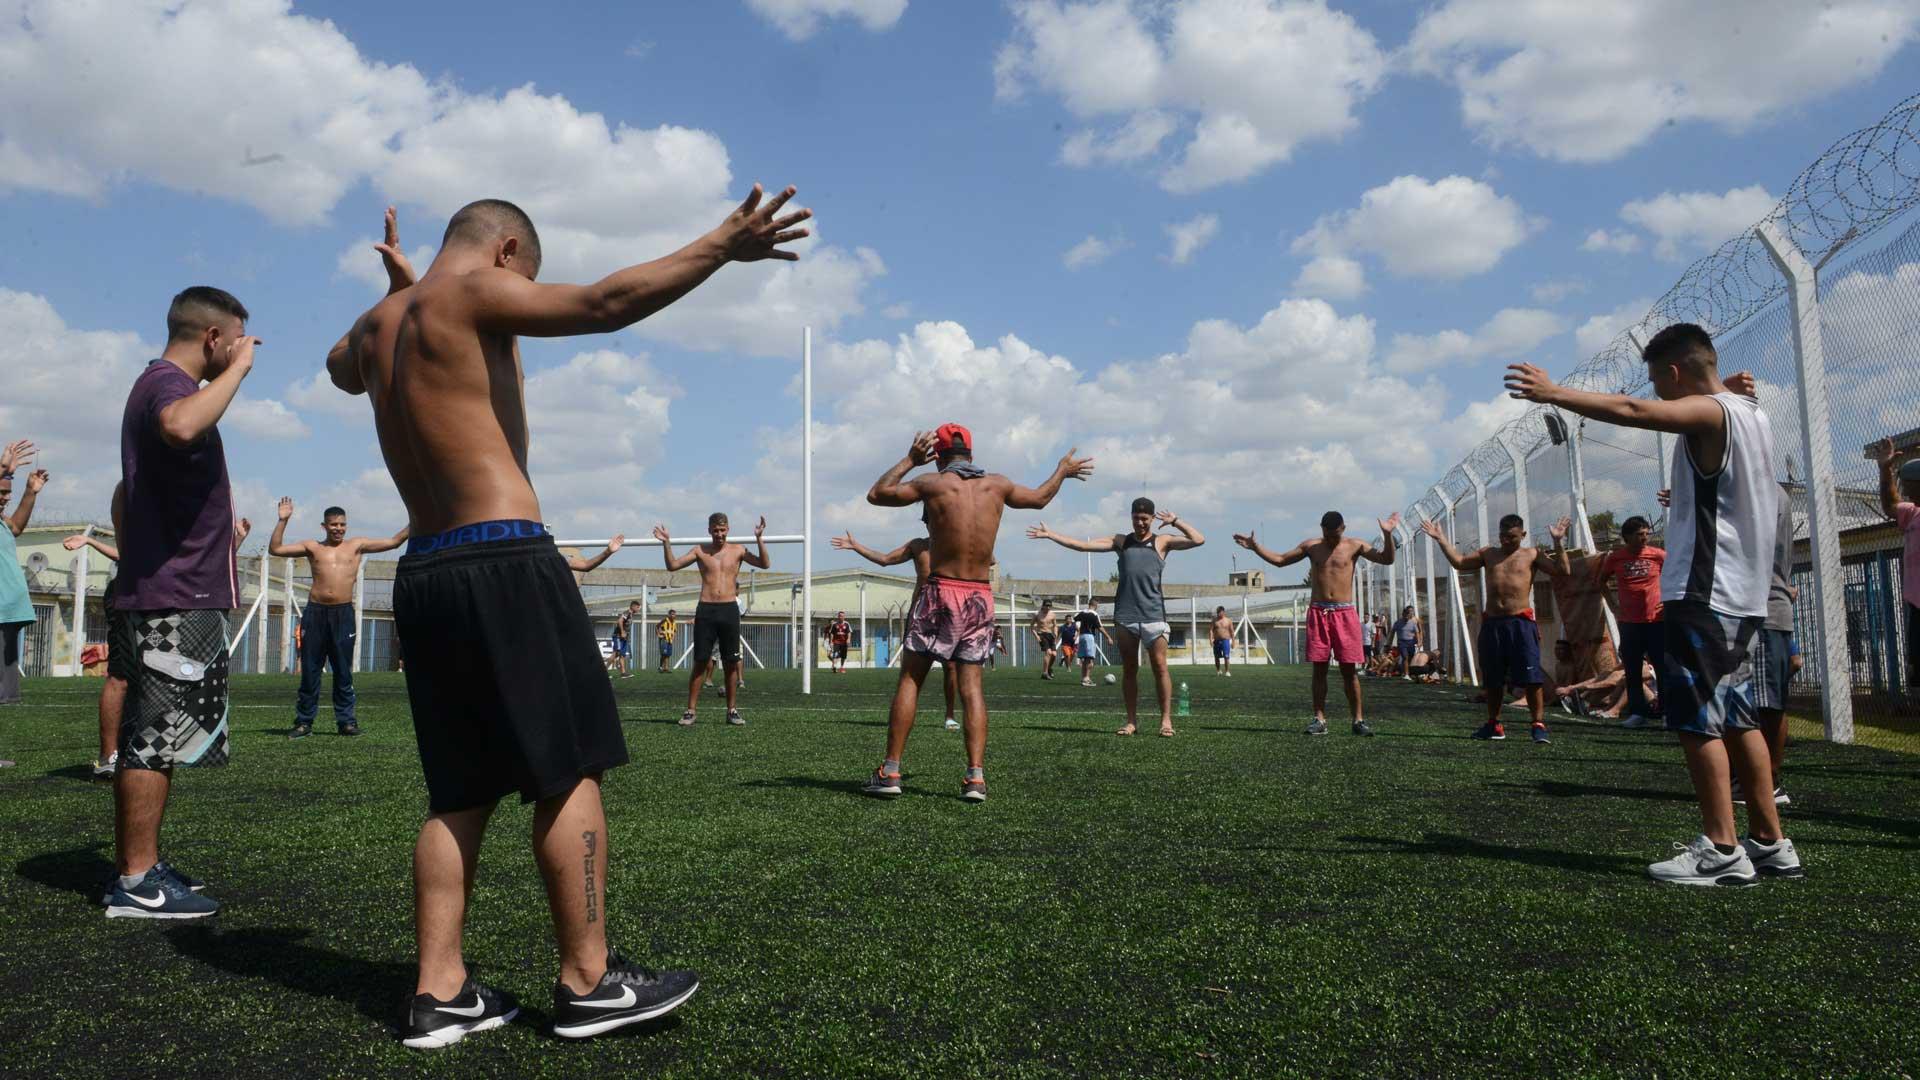 El deporte es un aliado fundamental en la reinserción. Foto: Fernando Calzada/DEF.